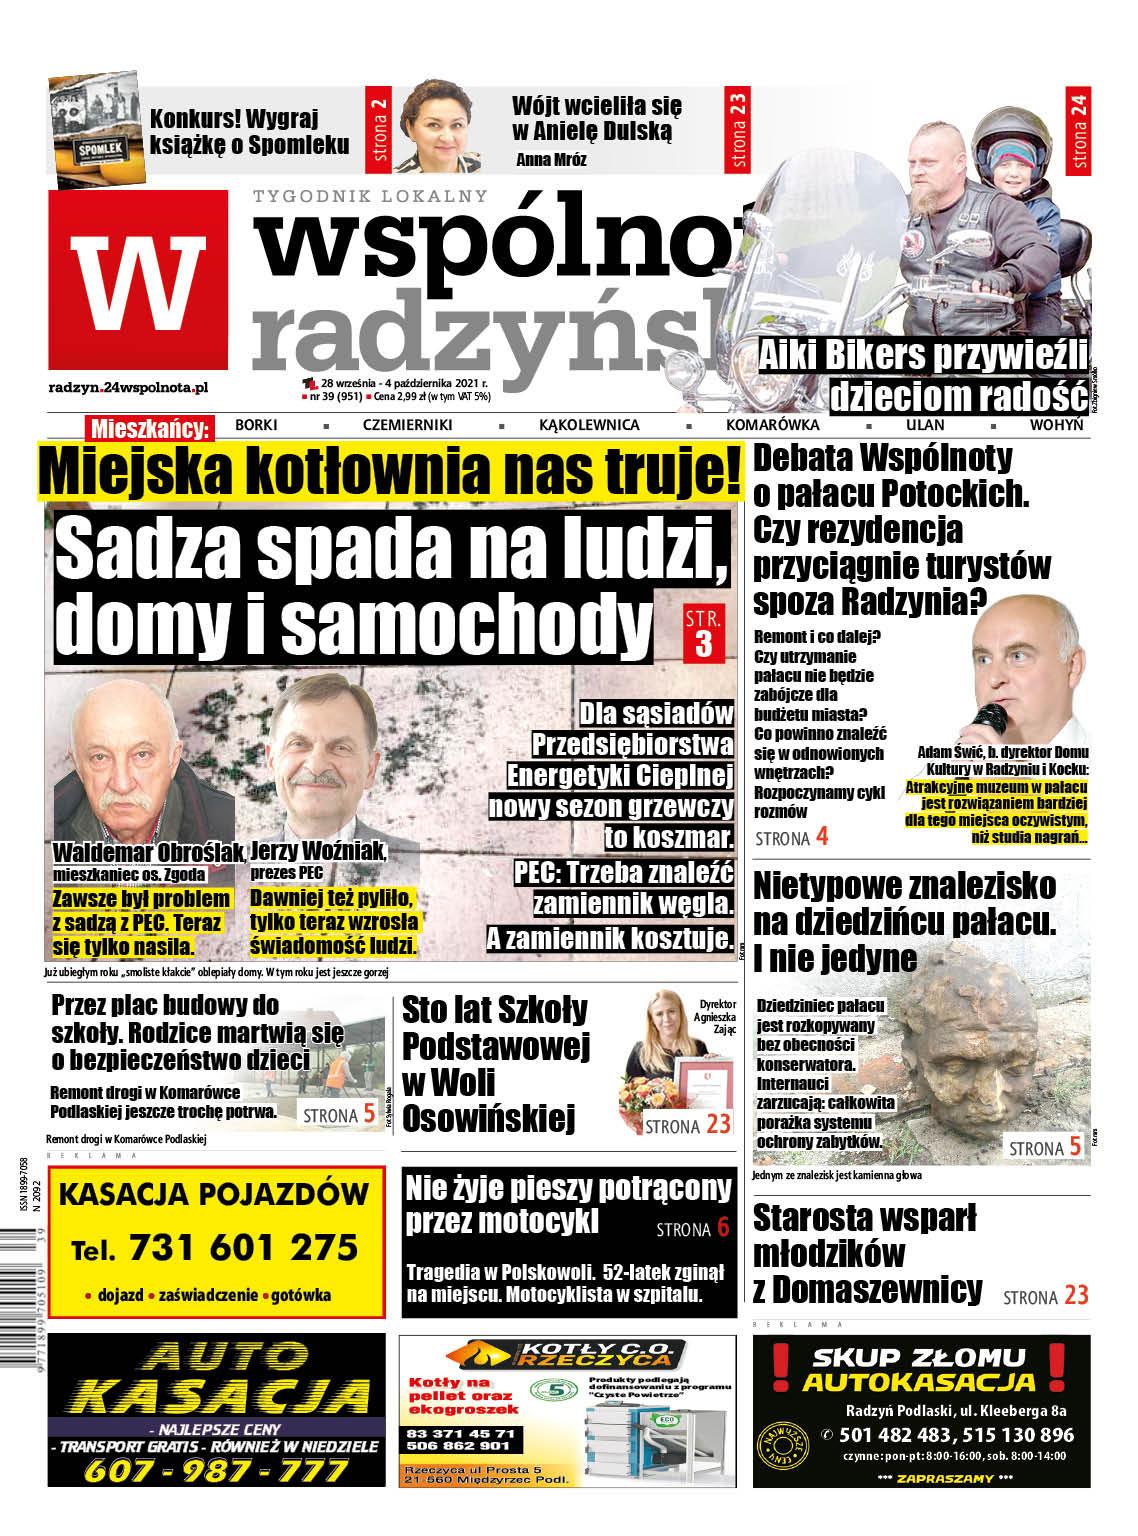 Najnowszy numer Wspólnoty Radzyńskiej - Zdjęcie główne